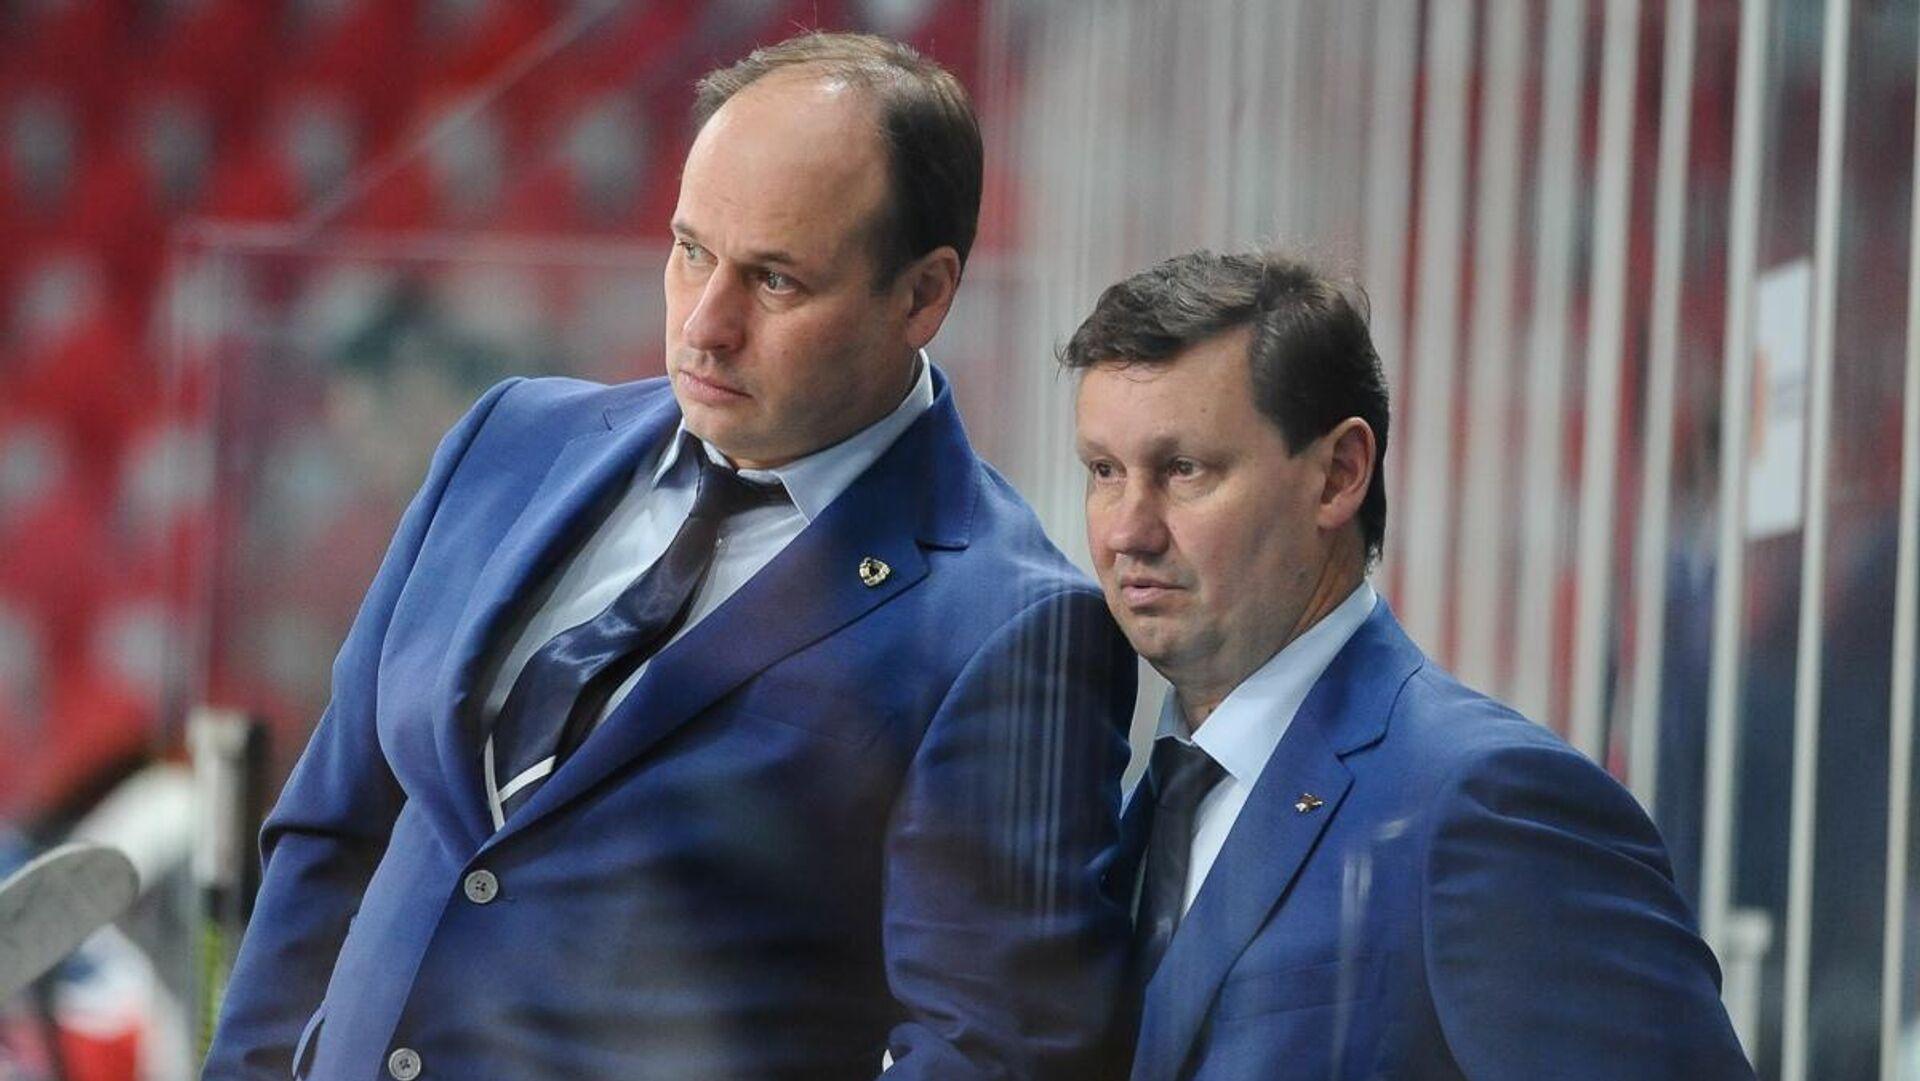 Хоккейный тренер Евгений Ставровский (слева) - РИА Новости, 1920, 13.10.2020